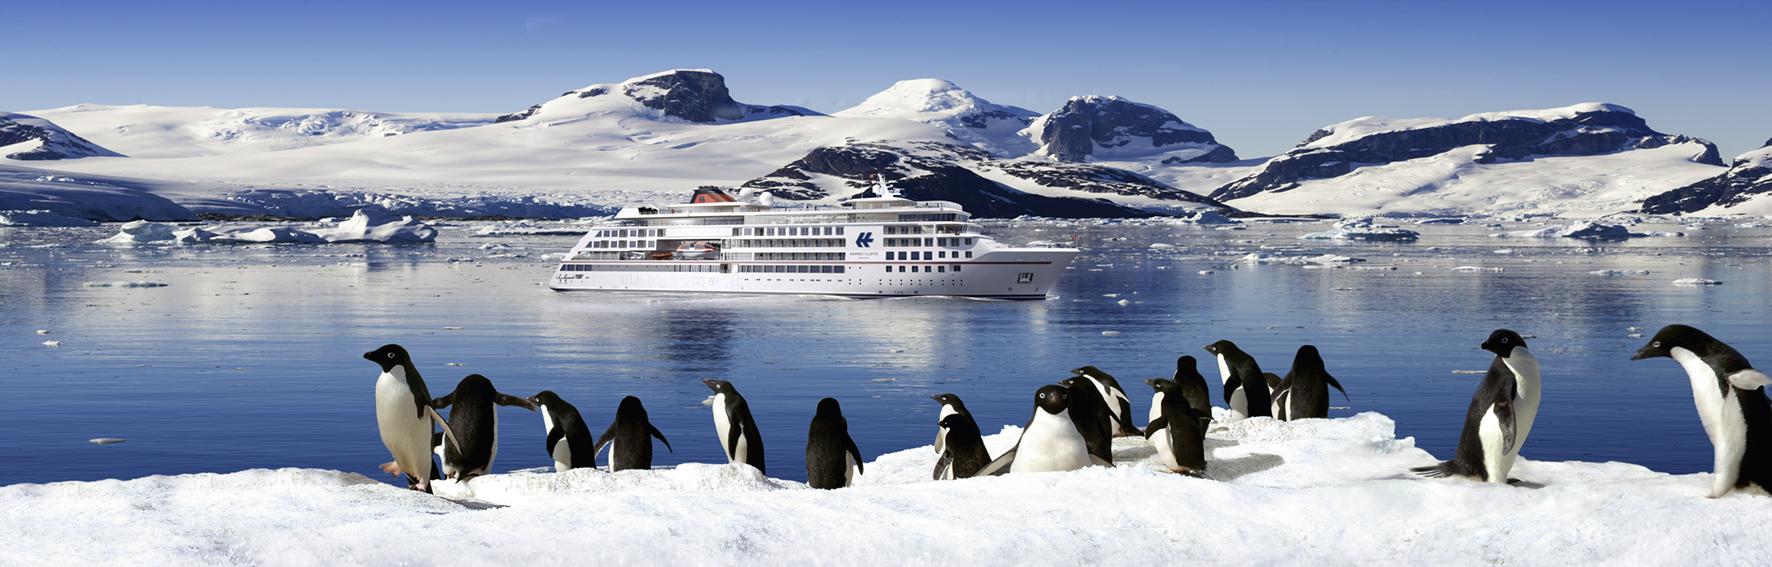 Die Antarktis ist eines der Ziele für die neuen Expeditionsschiffe Foto: Hapag-Lloyd Cruises